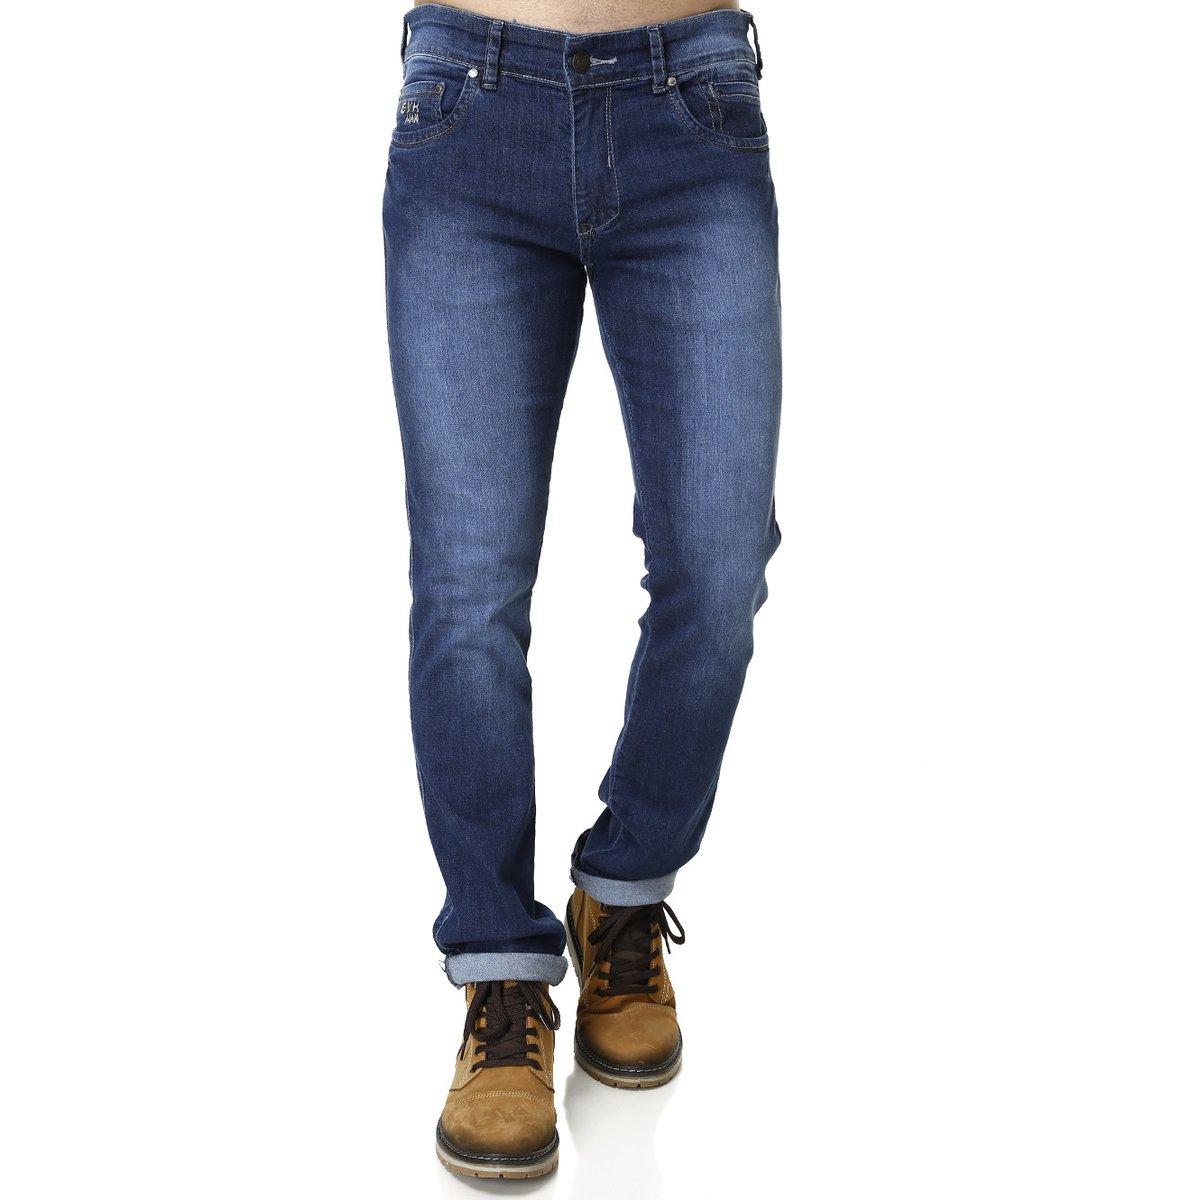 22401e4f8d Calça Jeans Masculina Bivik - Compre Agora